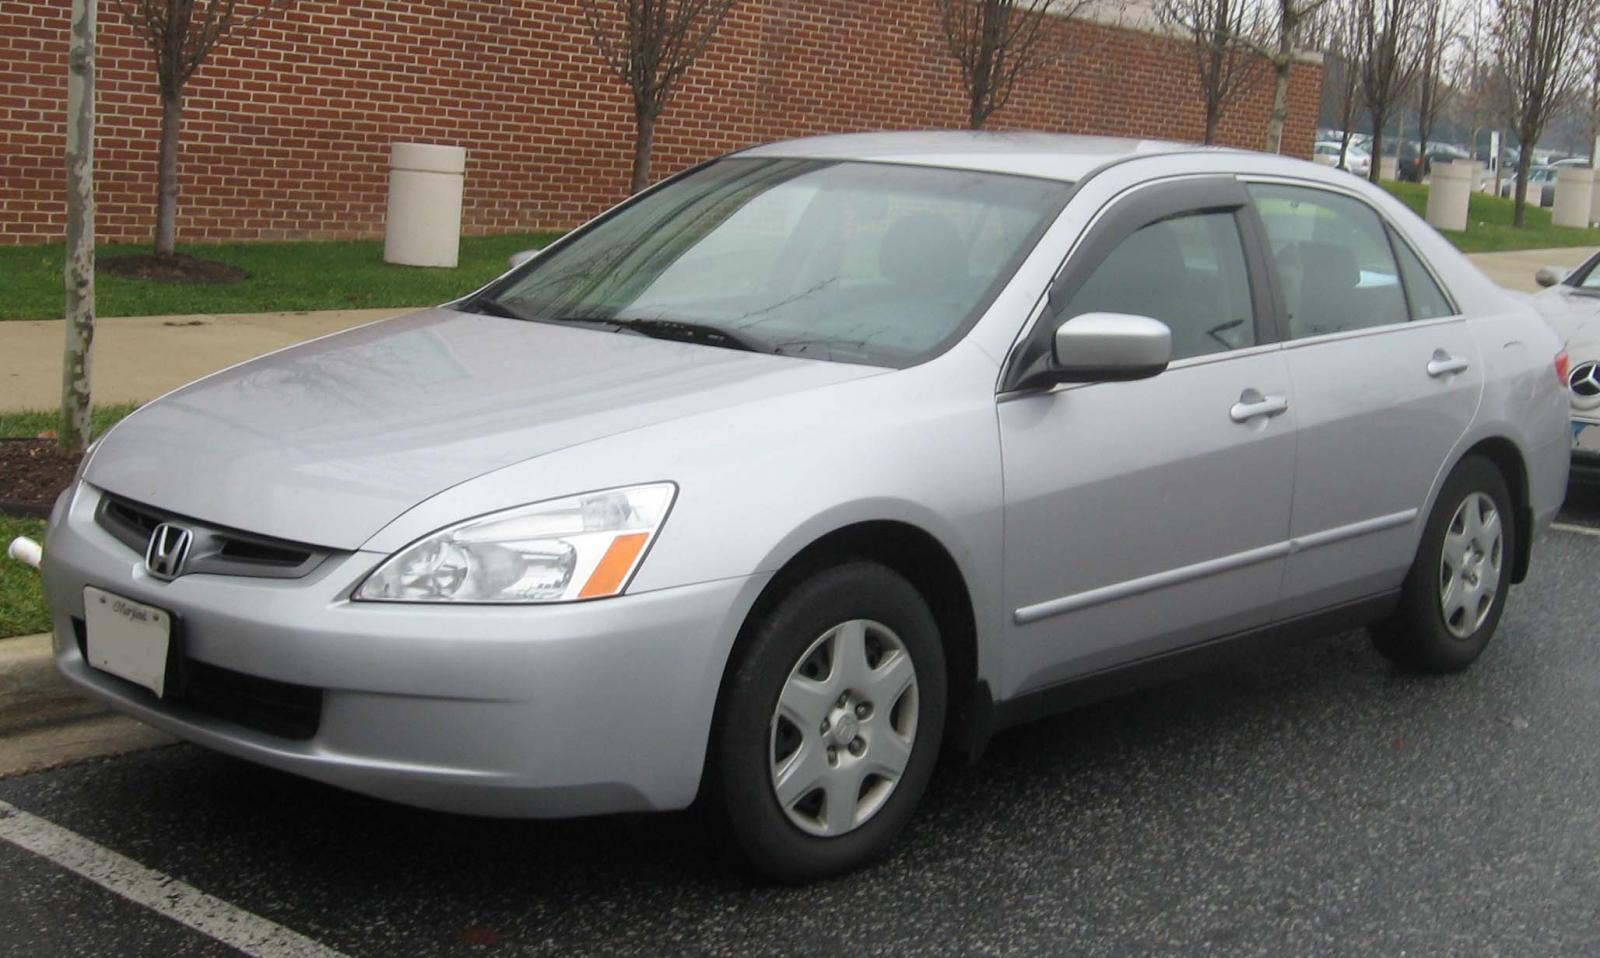 2003 honda accord sedan manual